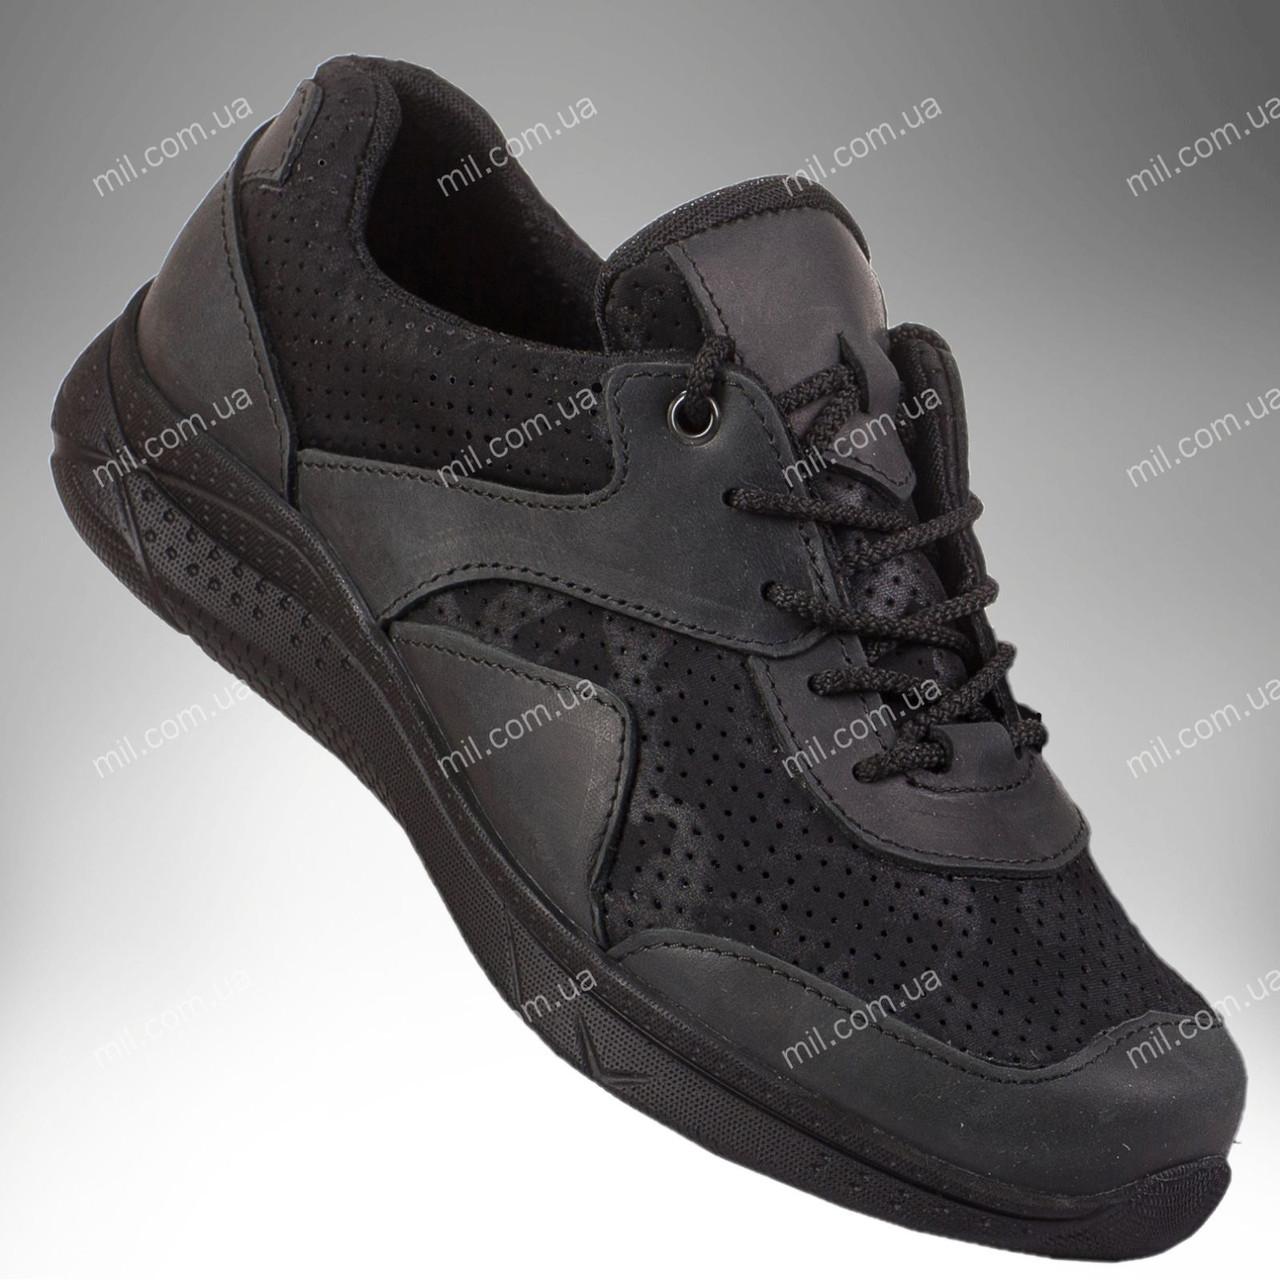 Военные летние кроссовки / тактическая обувь, армейская спецобувь GENESIS (camo black)